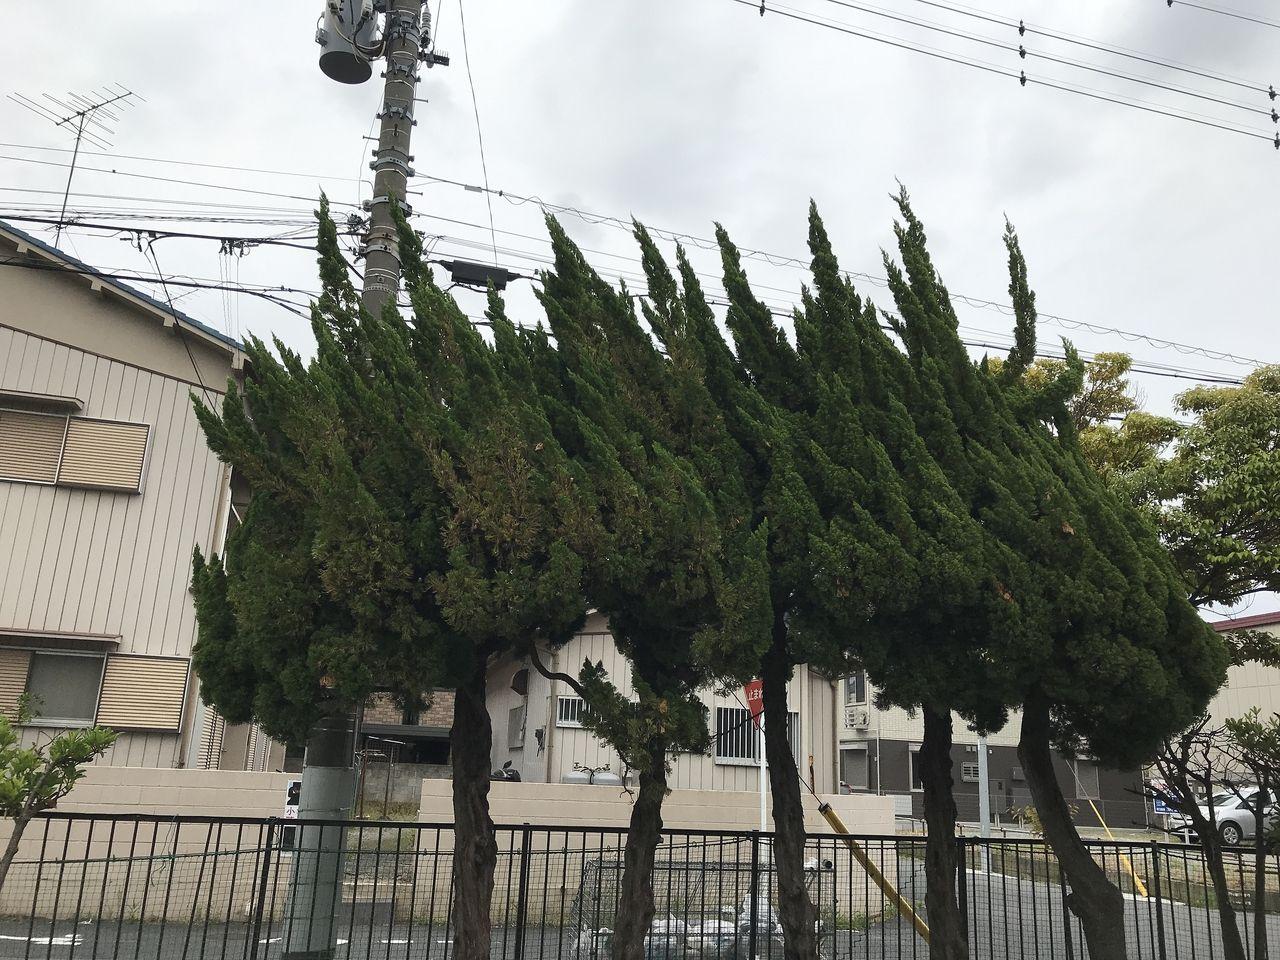 妙典の新宿前公園の松の木